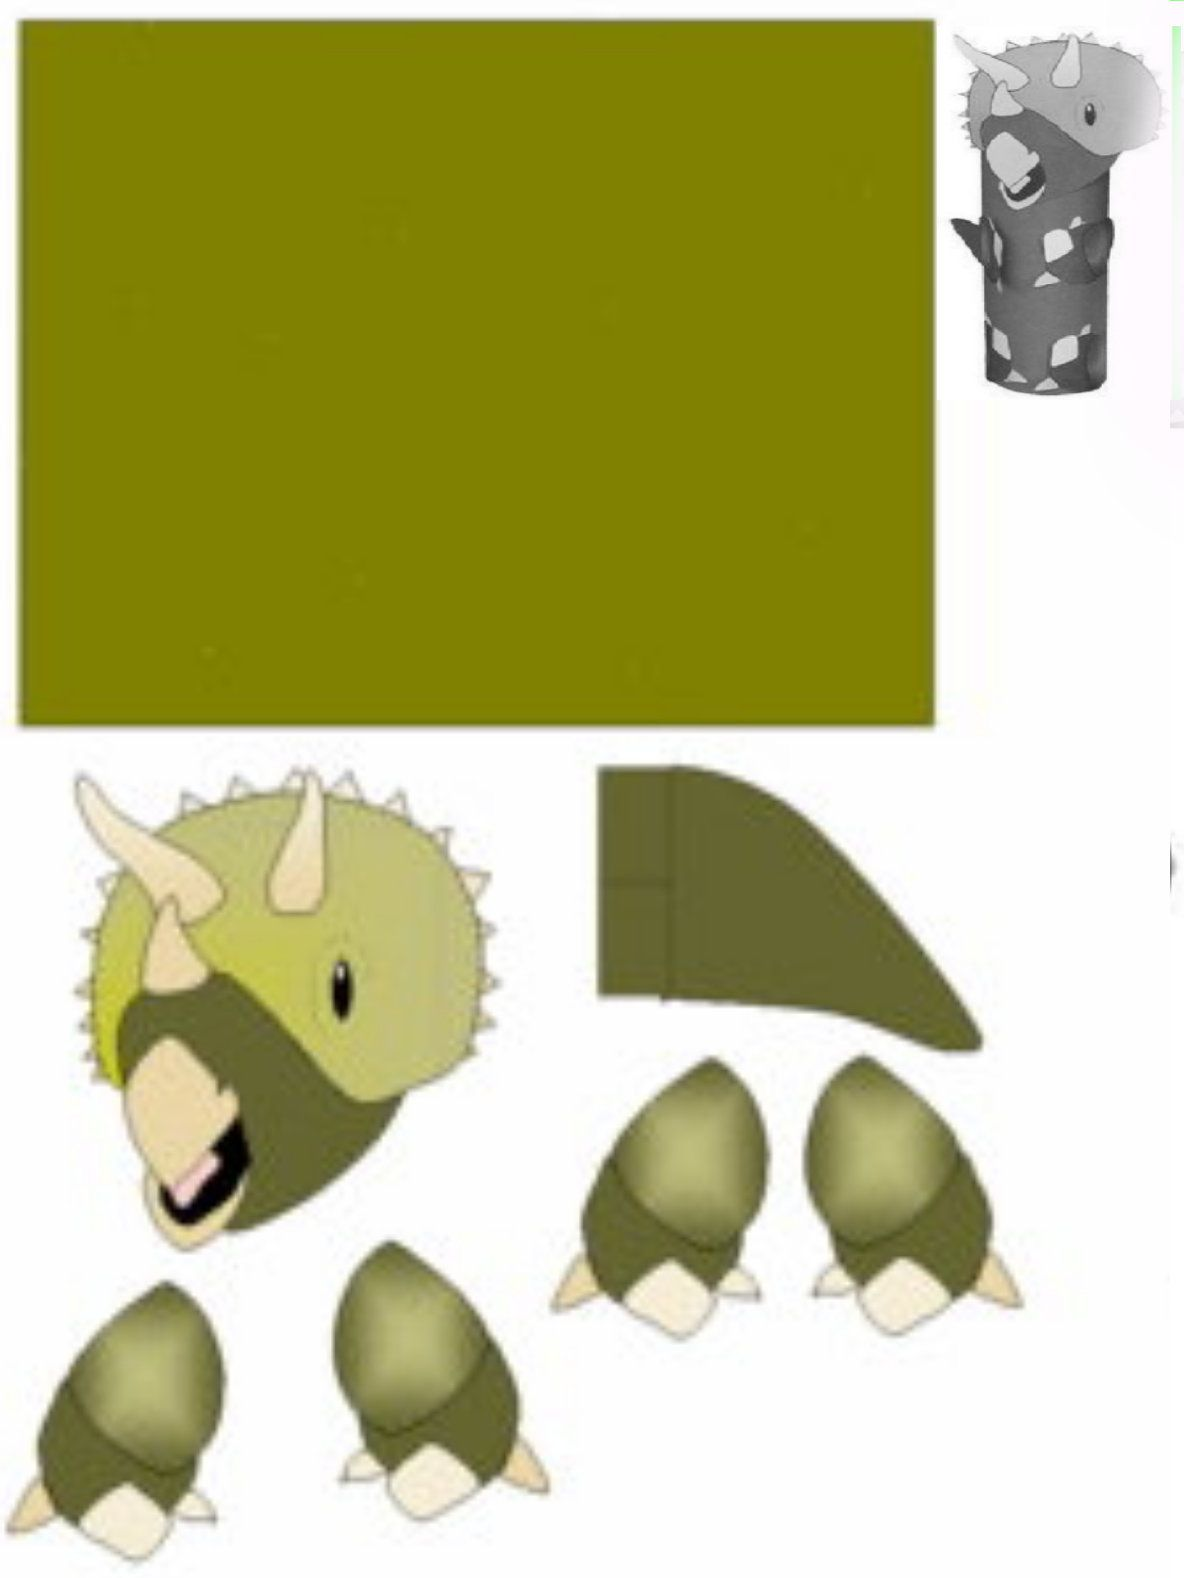 Activité Manuelle Avec Du Papier Peint fiche technique/dinosaure/décoration/récup/surprise/chat